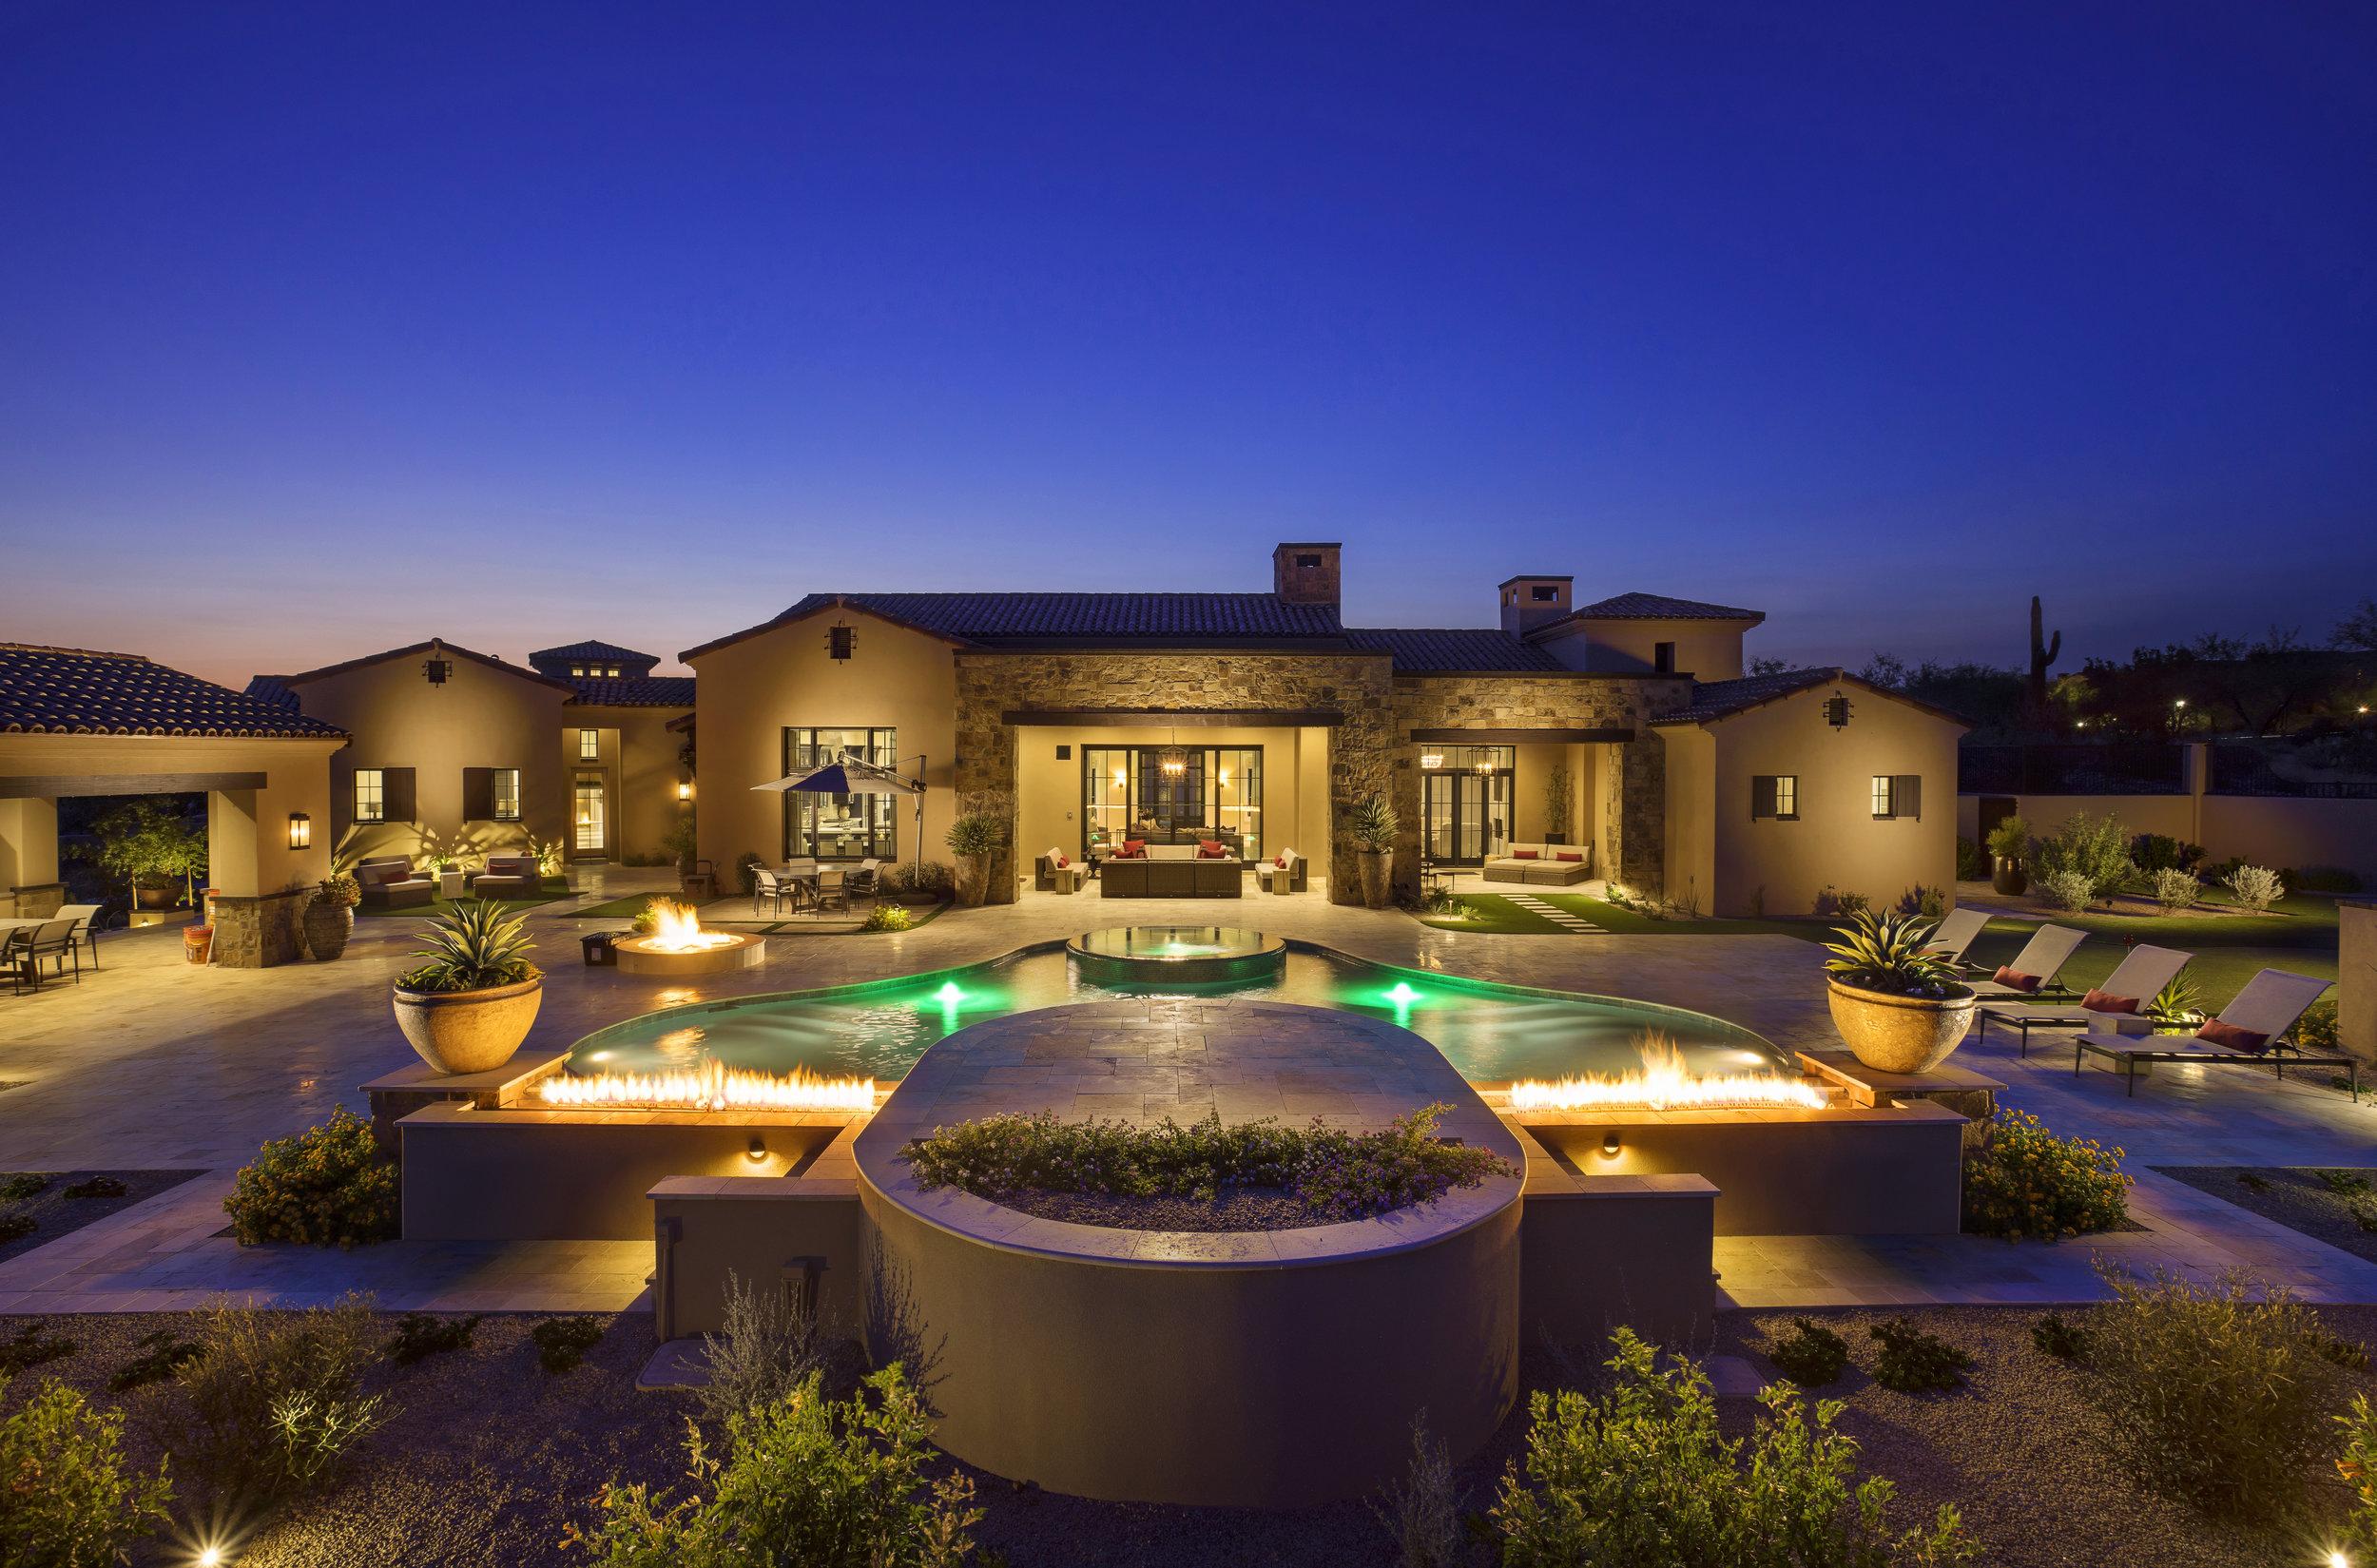 Silverleaf - Modern Ranch Hacienda